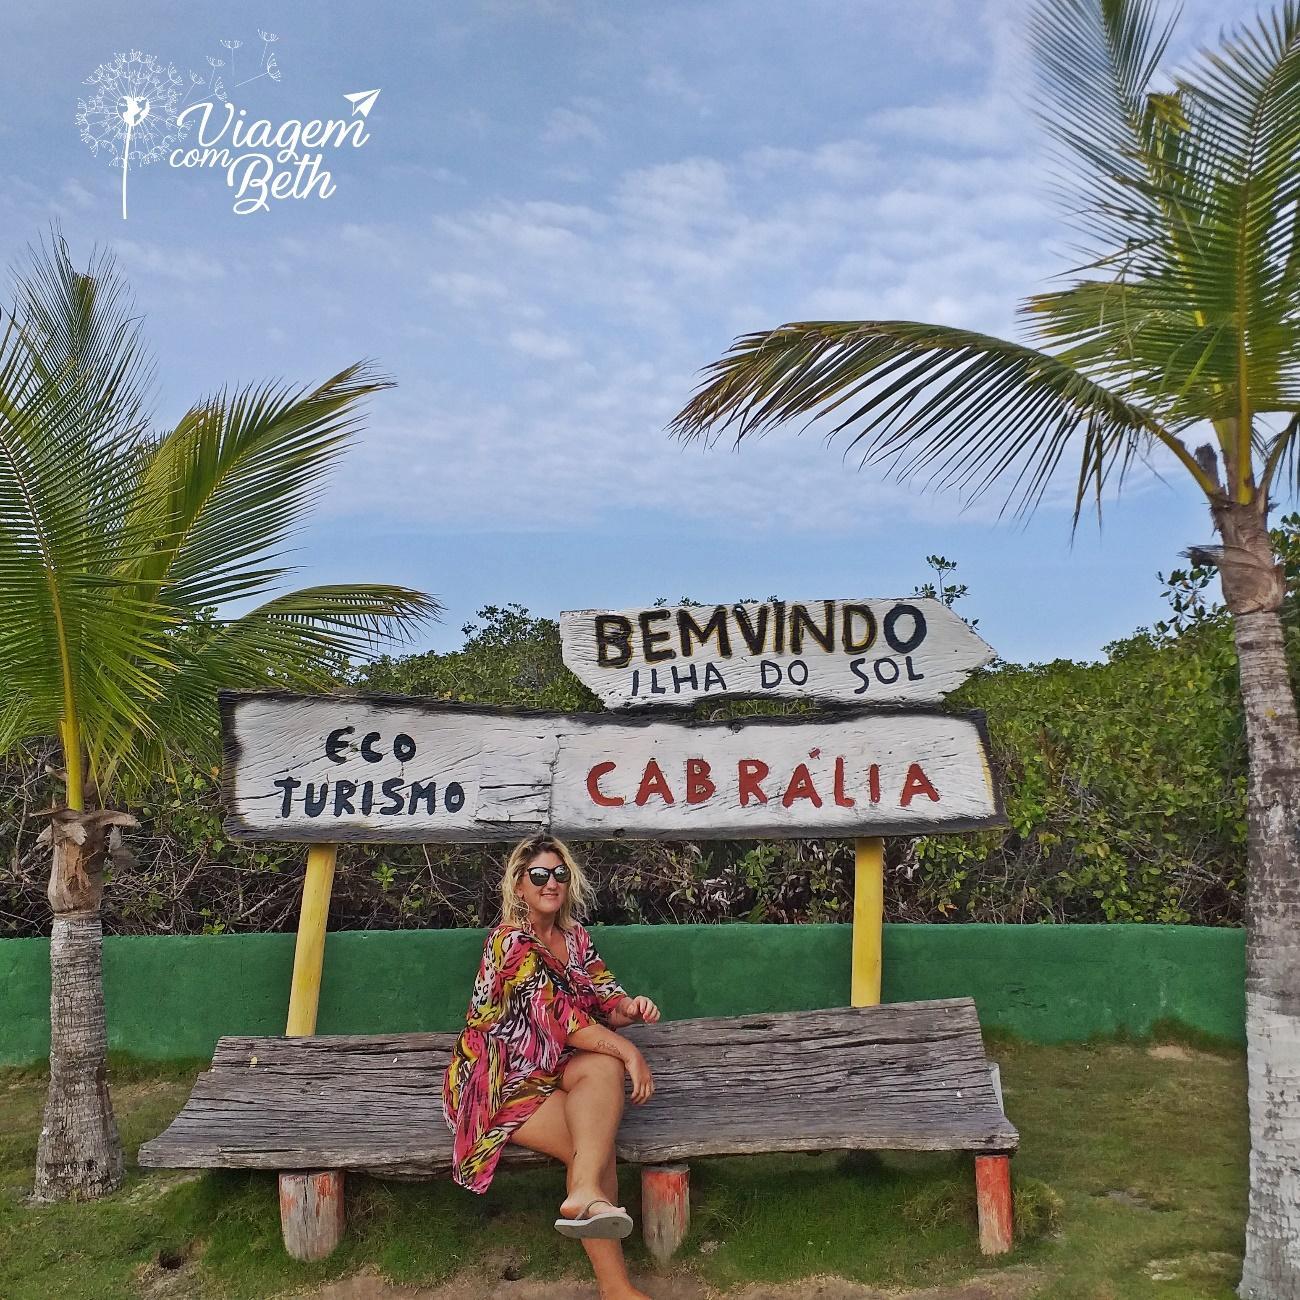 Beth no Banco, placa bem vindo a ilha do sol. SANTA CRUZ DE CABRÁLIA